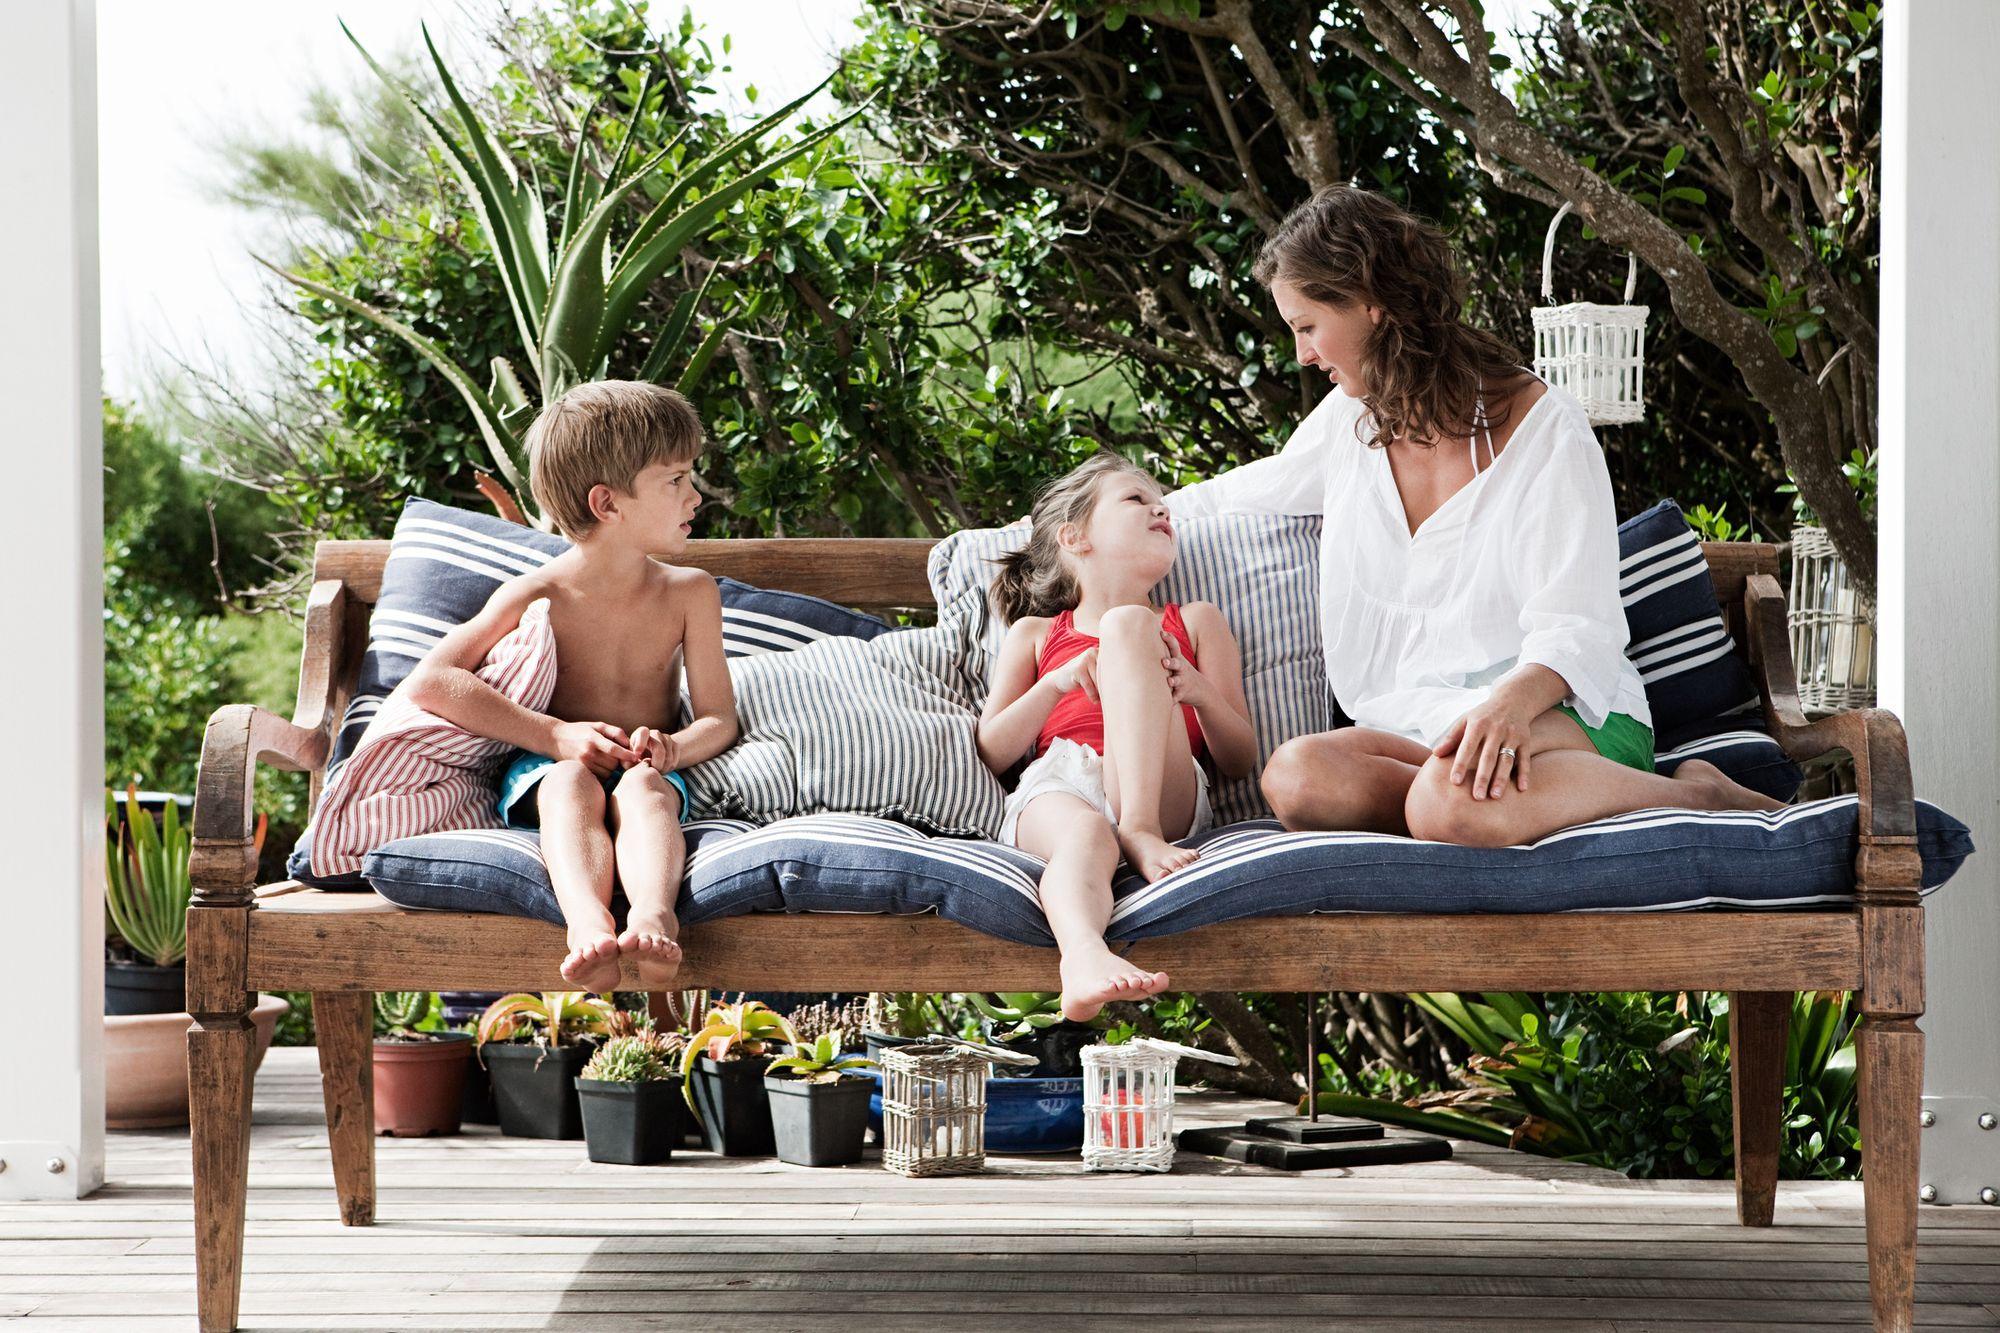 Kinder-Urlaub-Haustausch-Familie-Sommerferien